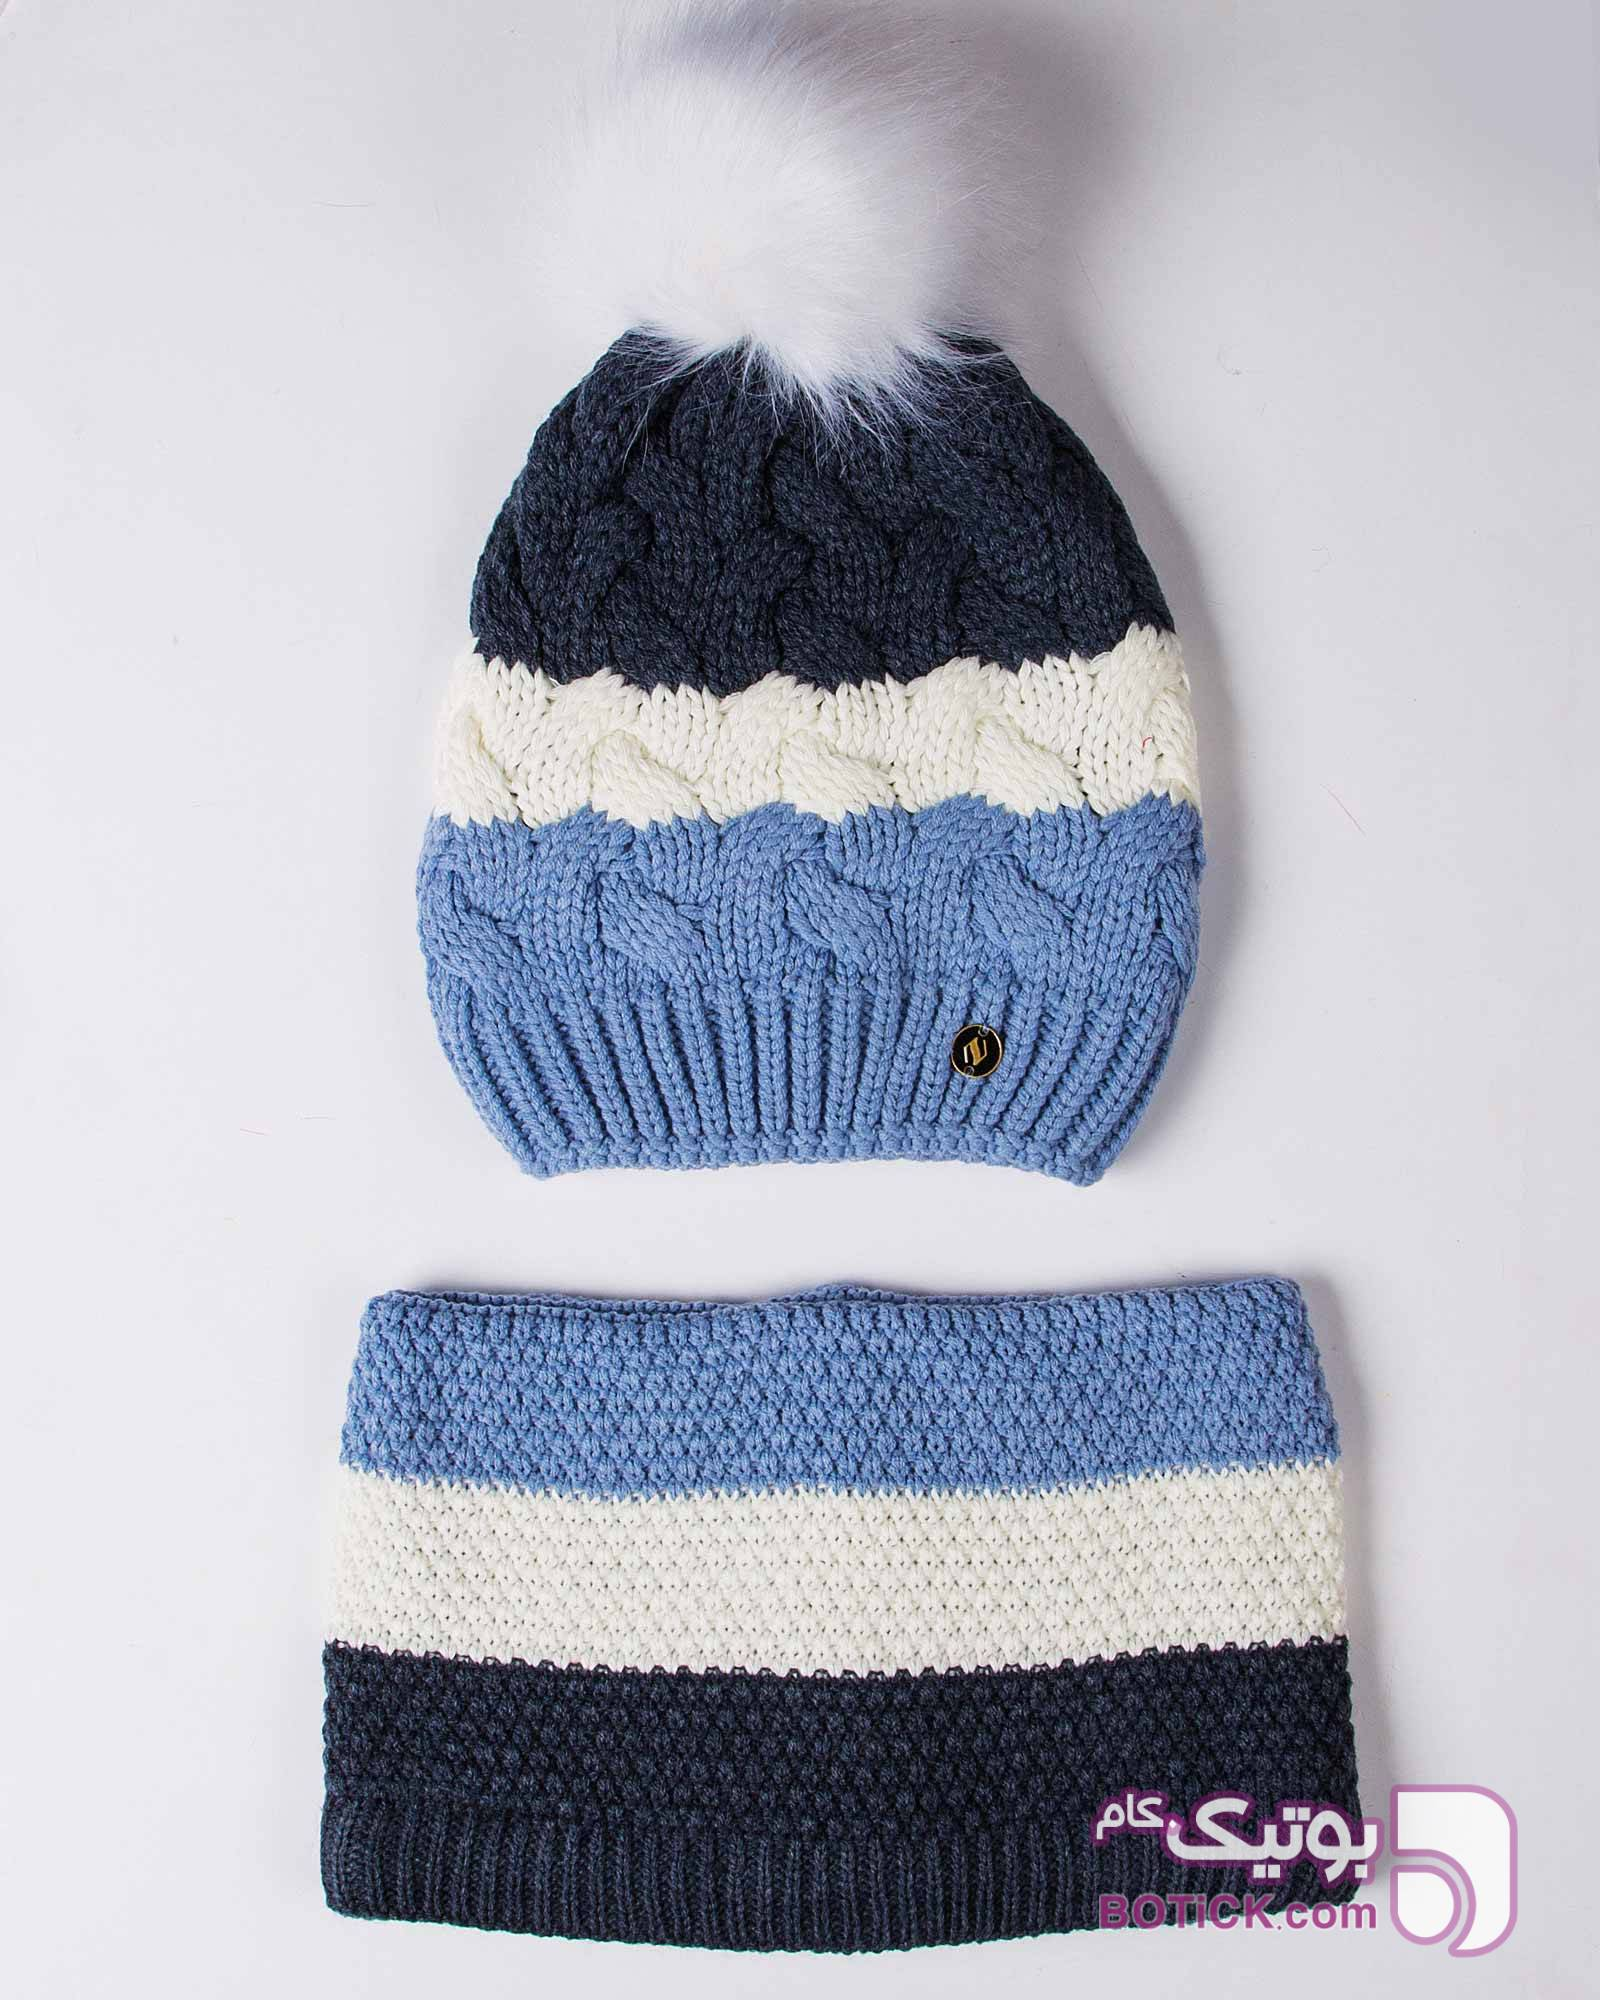 کلاه و شال گردن رینگی بافت راه راه رنگی زرد کلاه و اسکارف